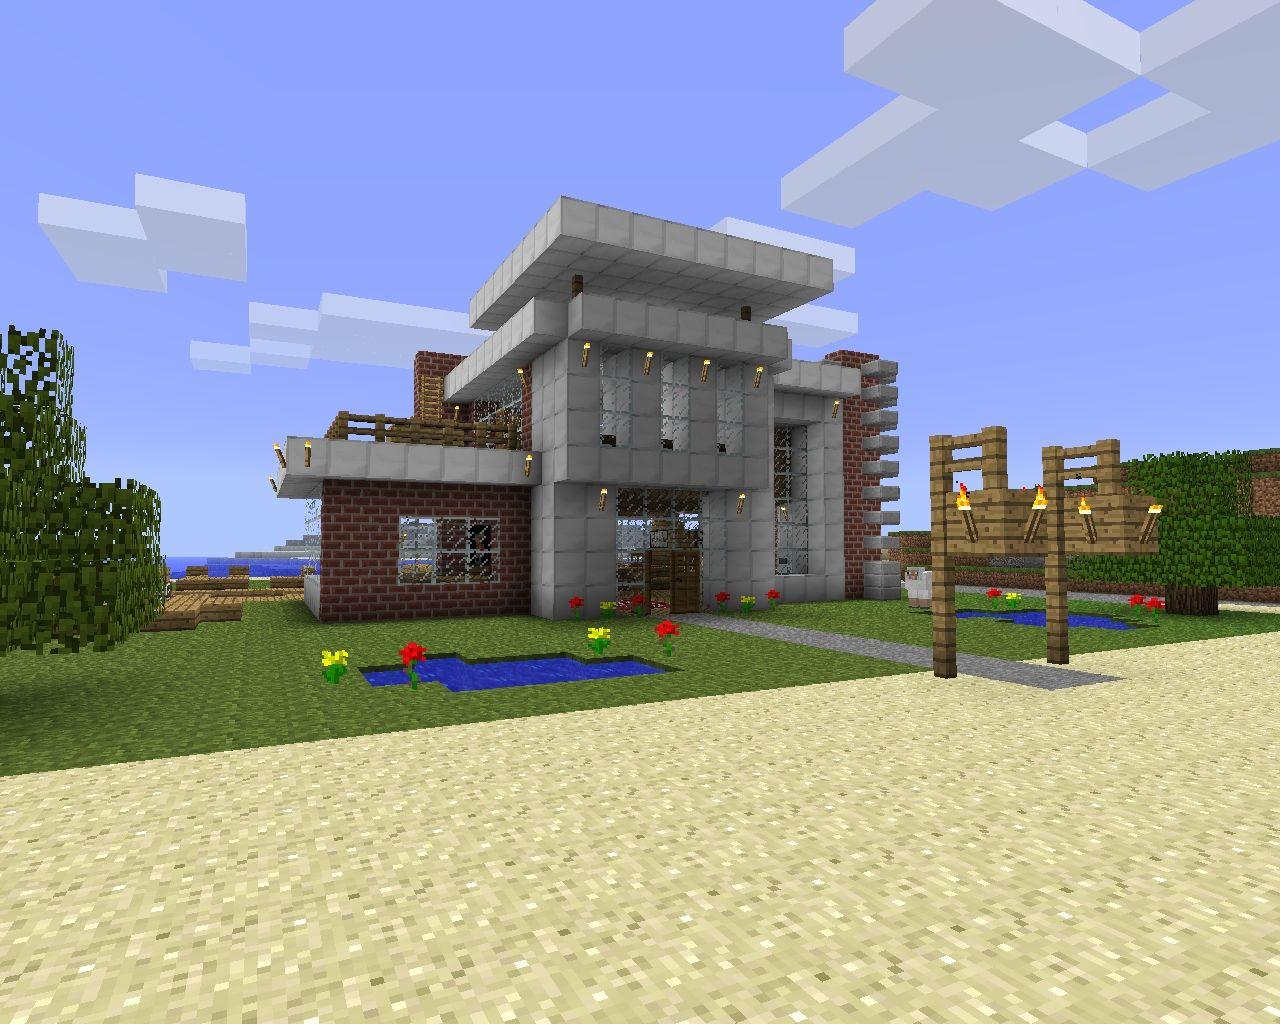 Modern beach house minecraft download images - Minecraft home designs ...